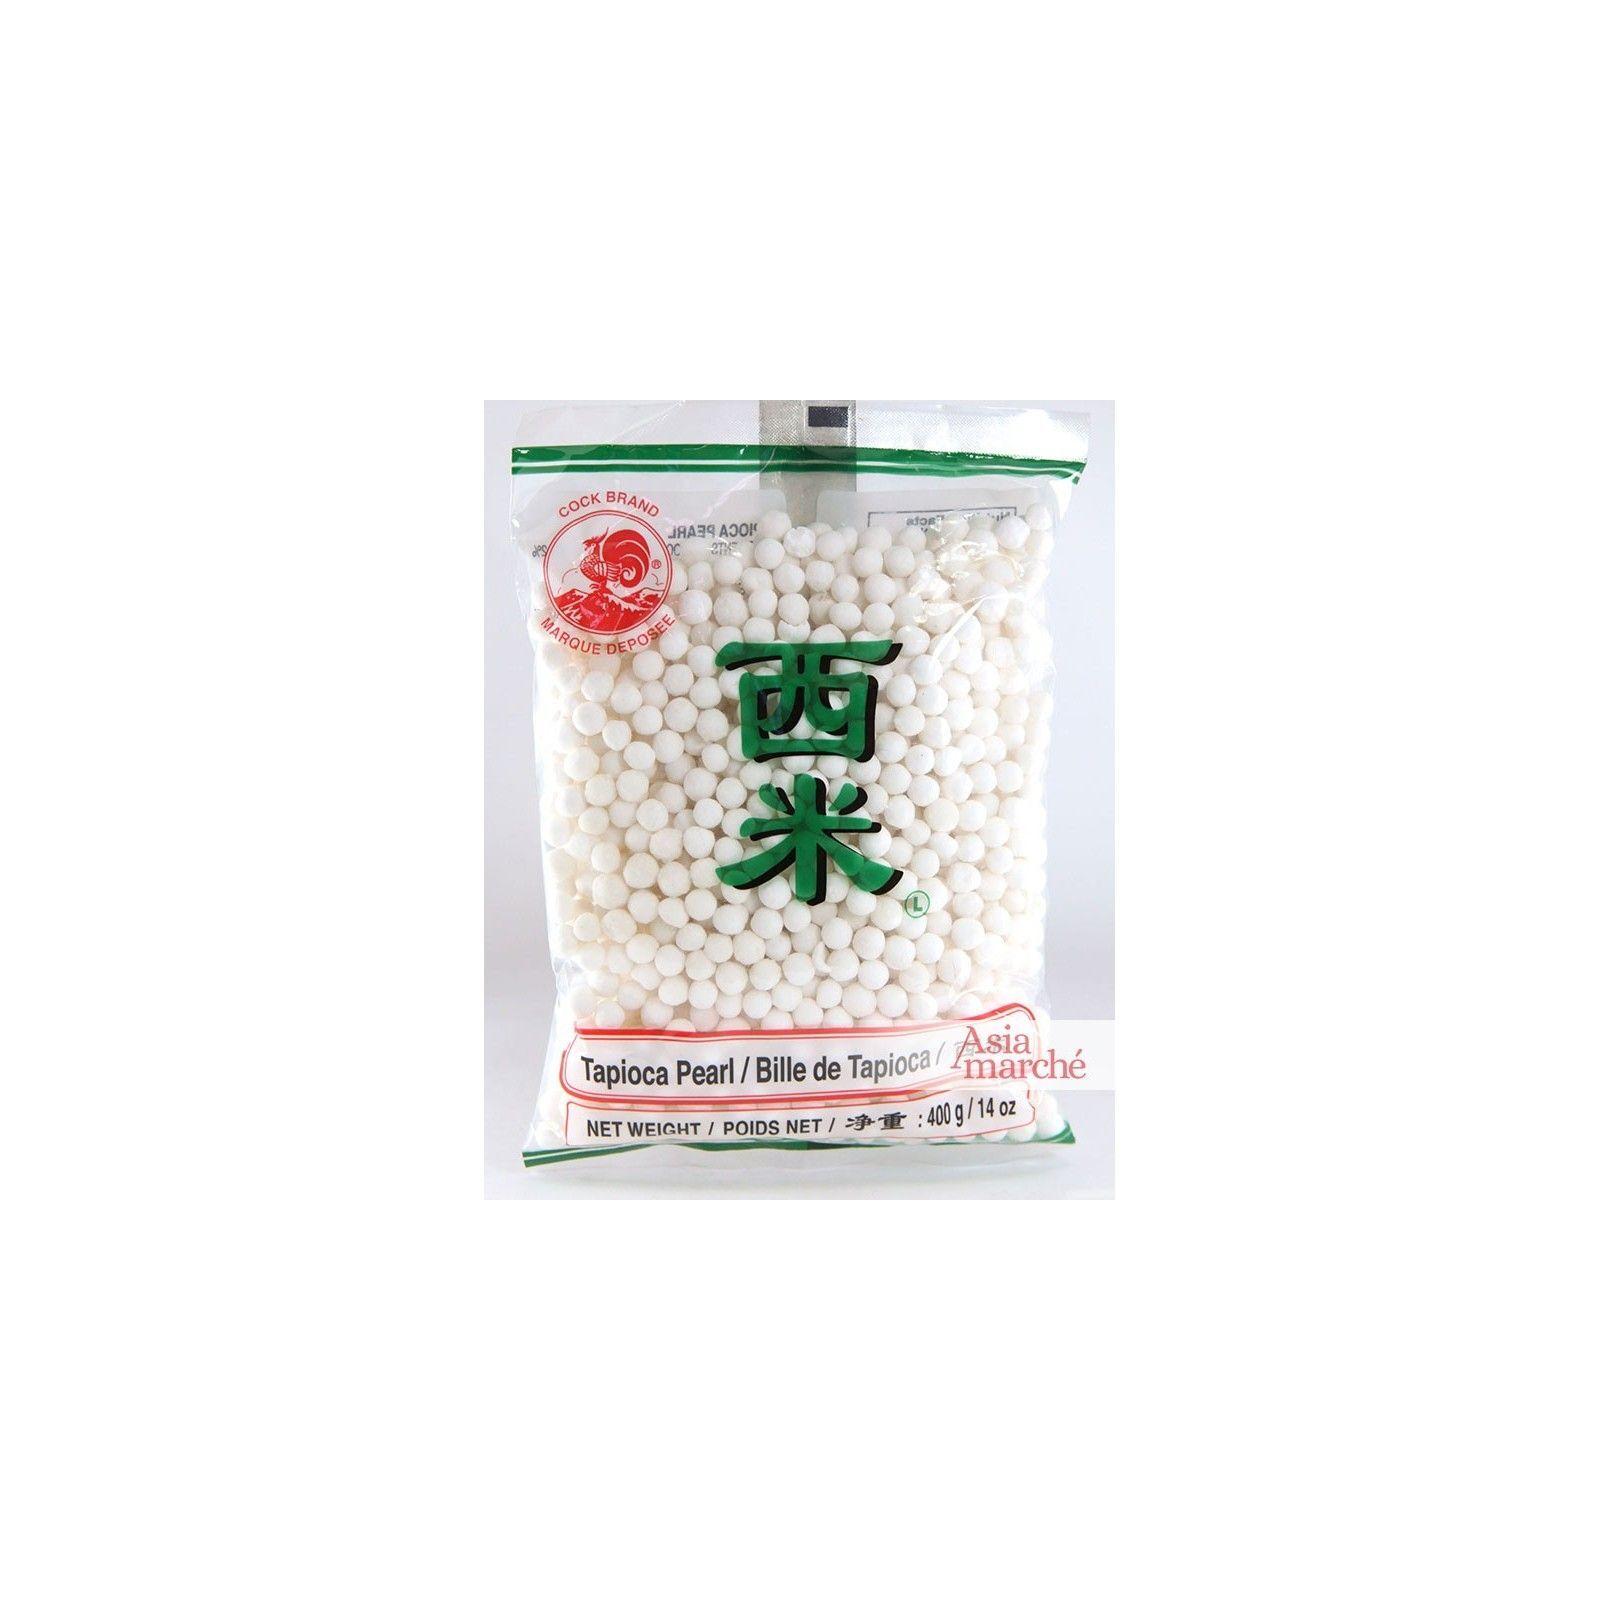 Asia Marché Grosses billes de Tapioca, Perles du Japon 400g